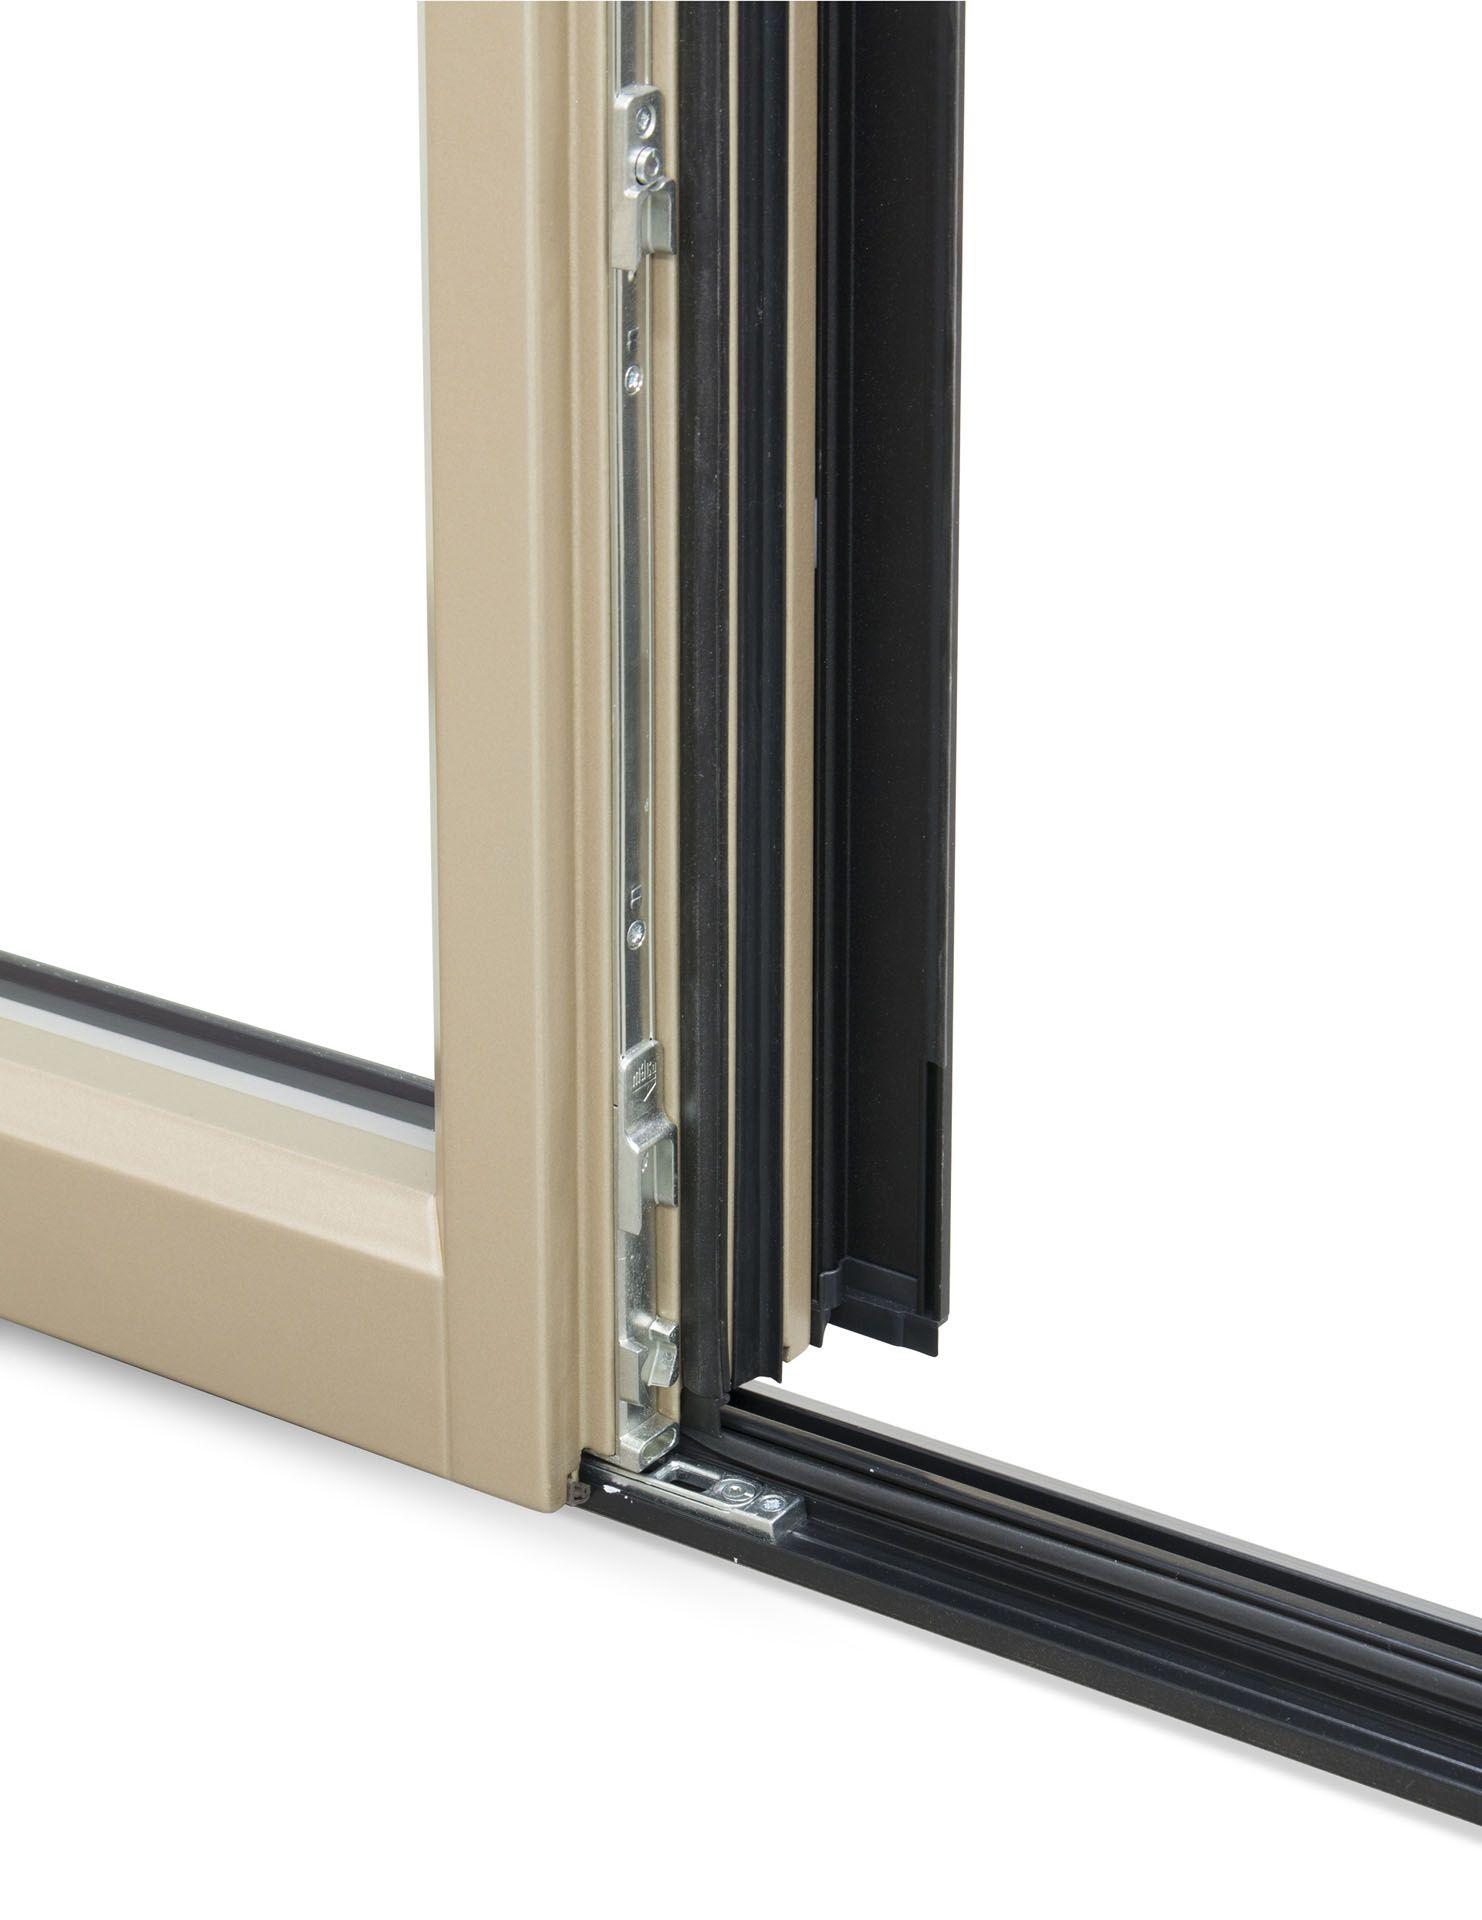 City porta finestra scorrevole by navello - Porta scorrevole alluminio ...